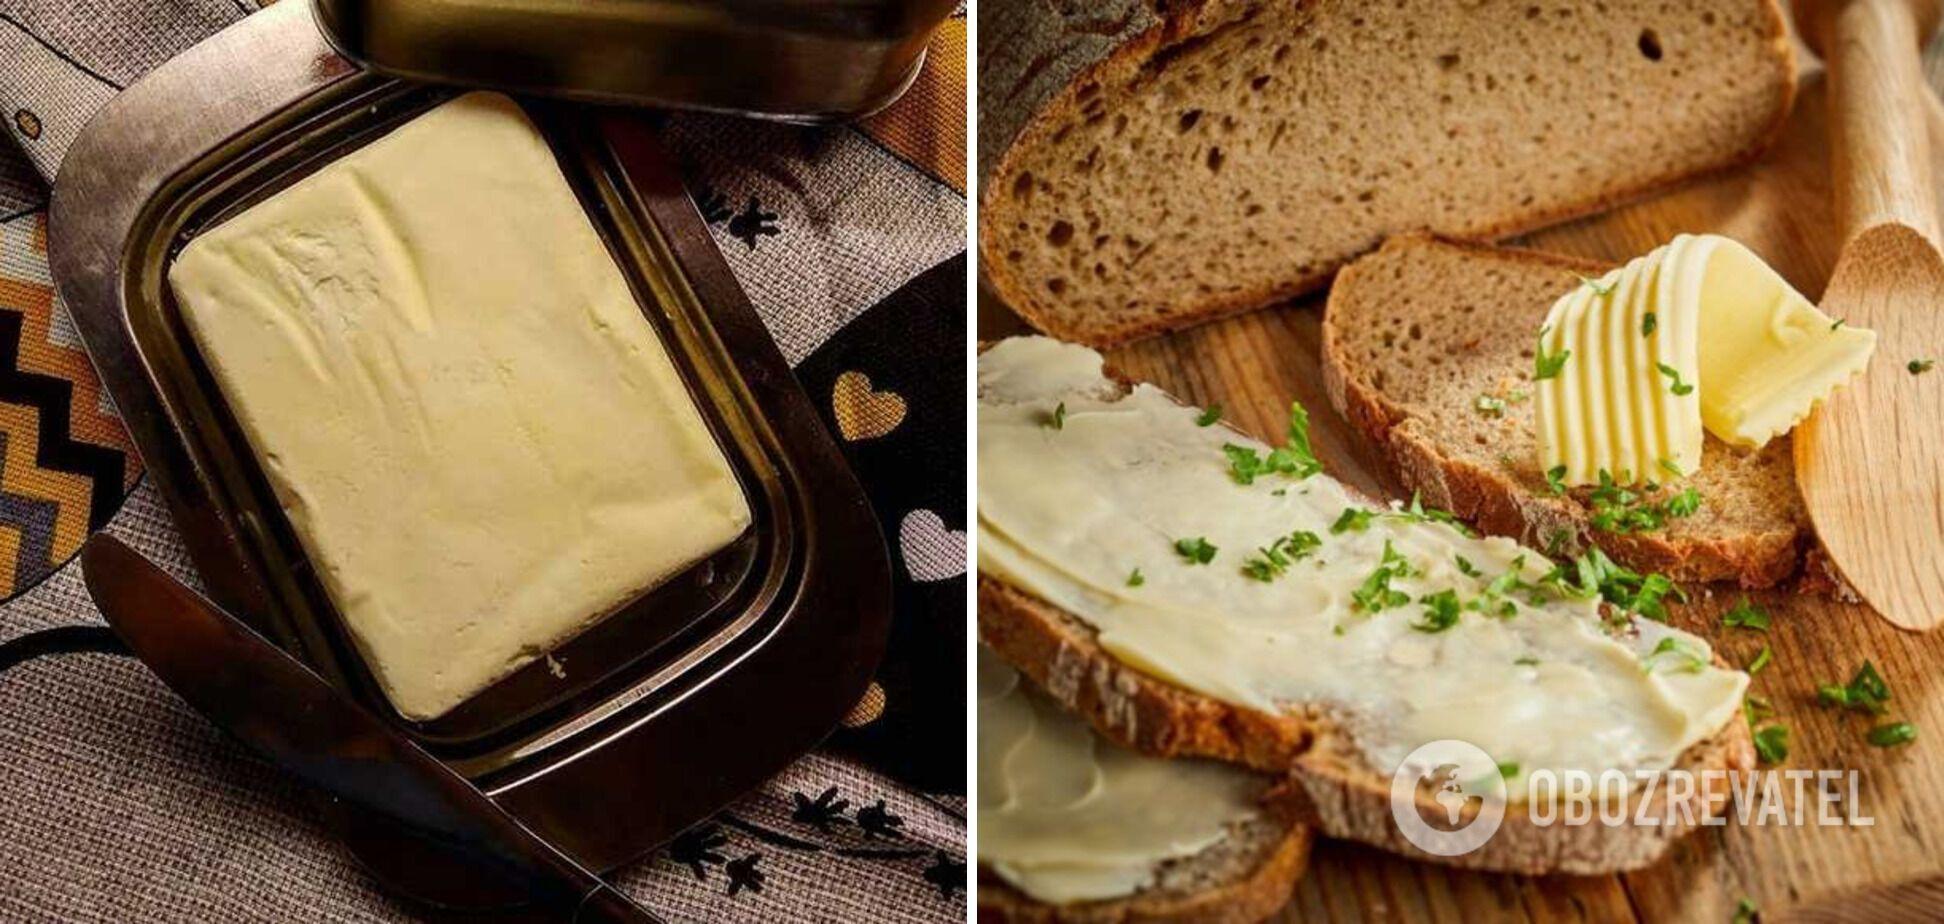 Натуральное масло в домашних условиях из сливок, молока и сметаны: секреты приготовления